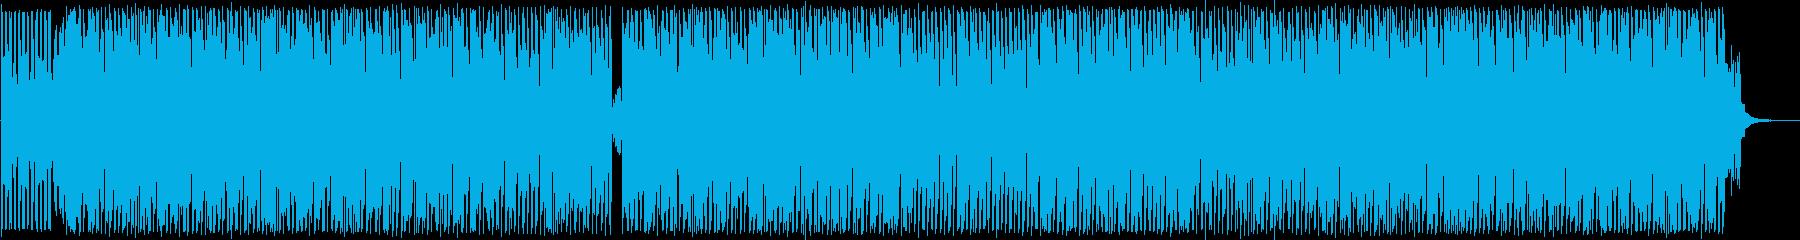 未来感覚的コミカルな和風ポップスの再生済みの波形